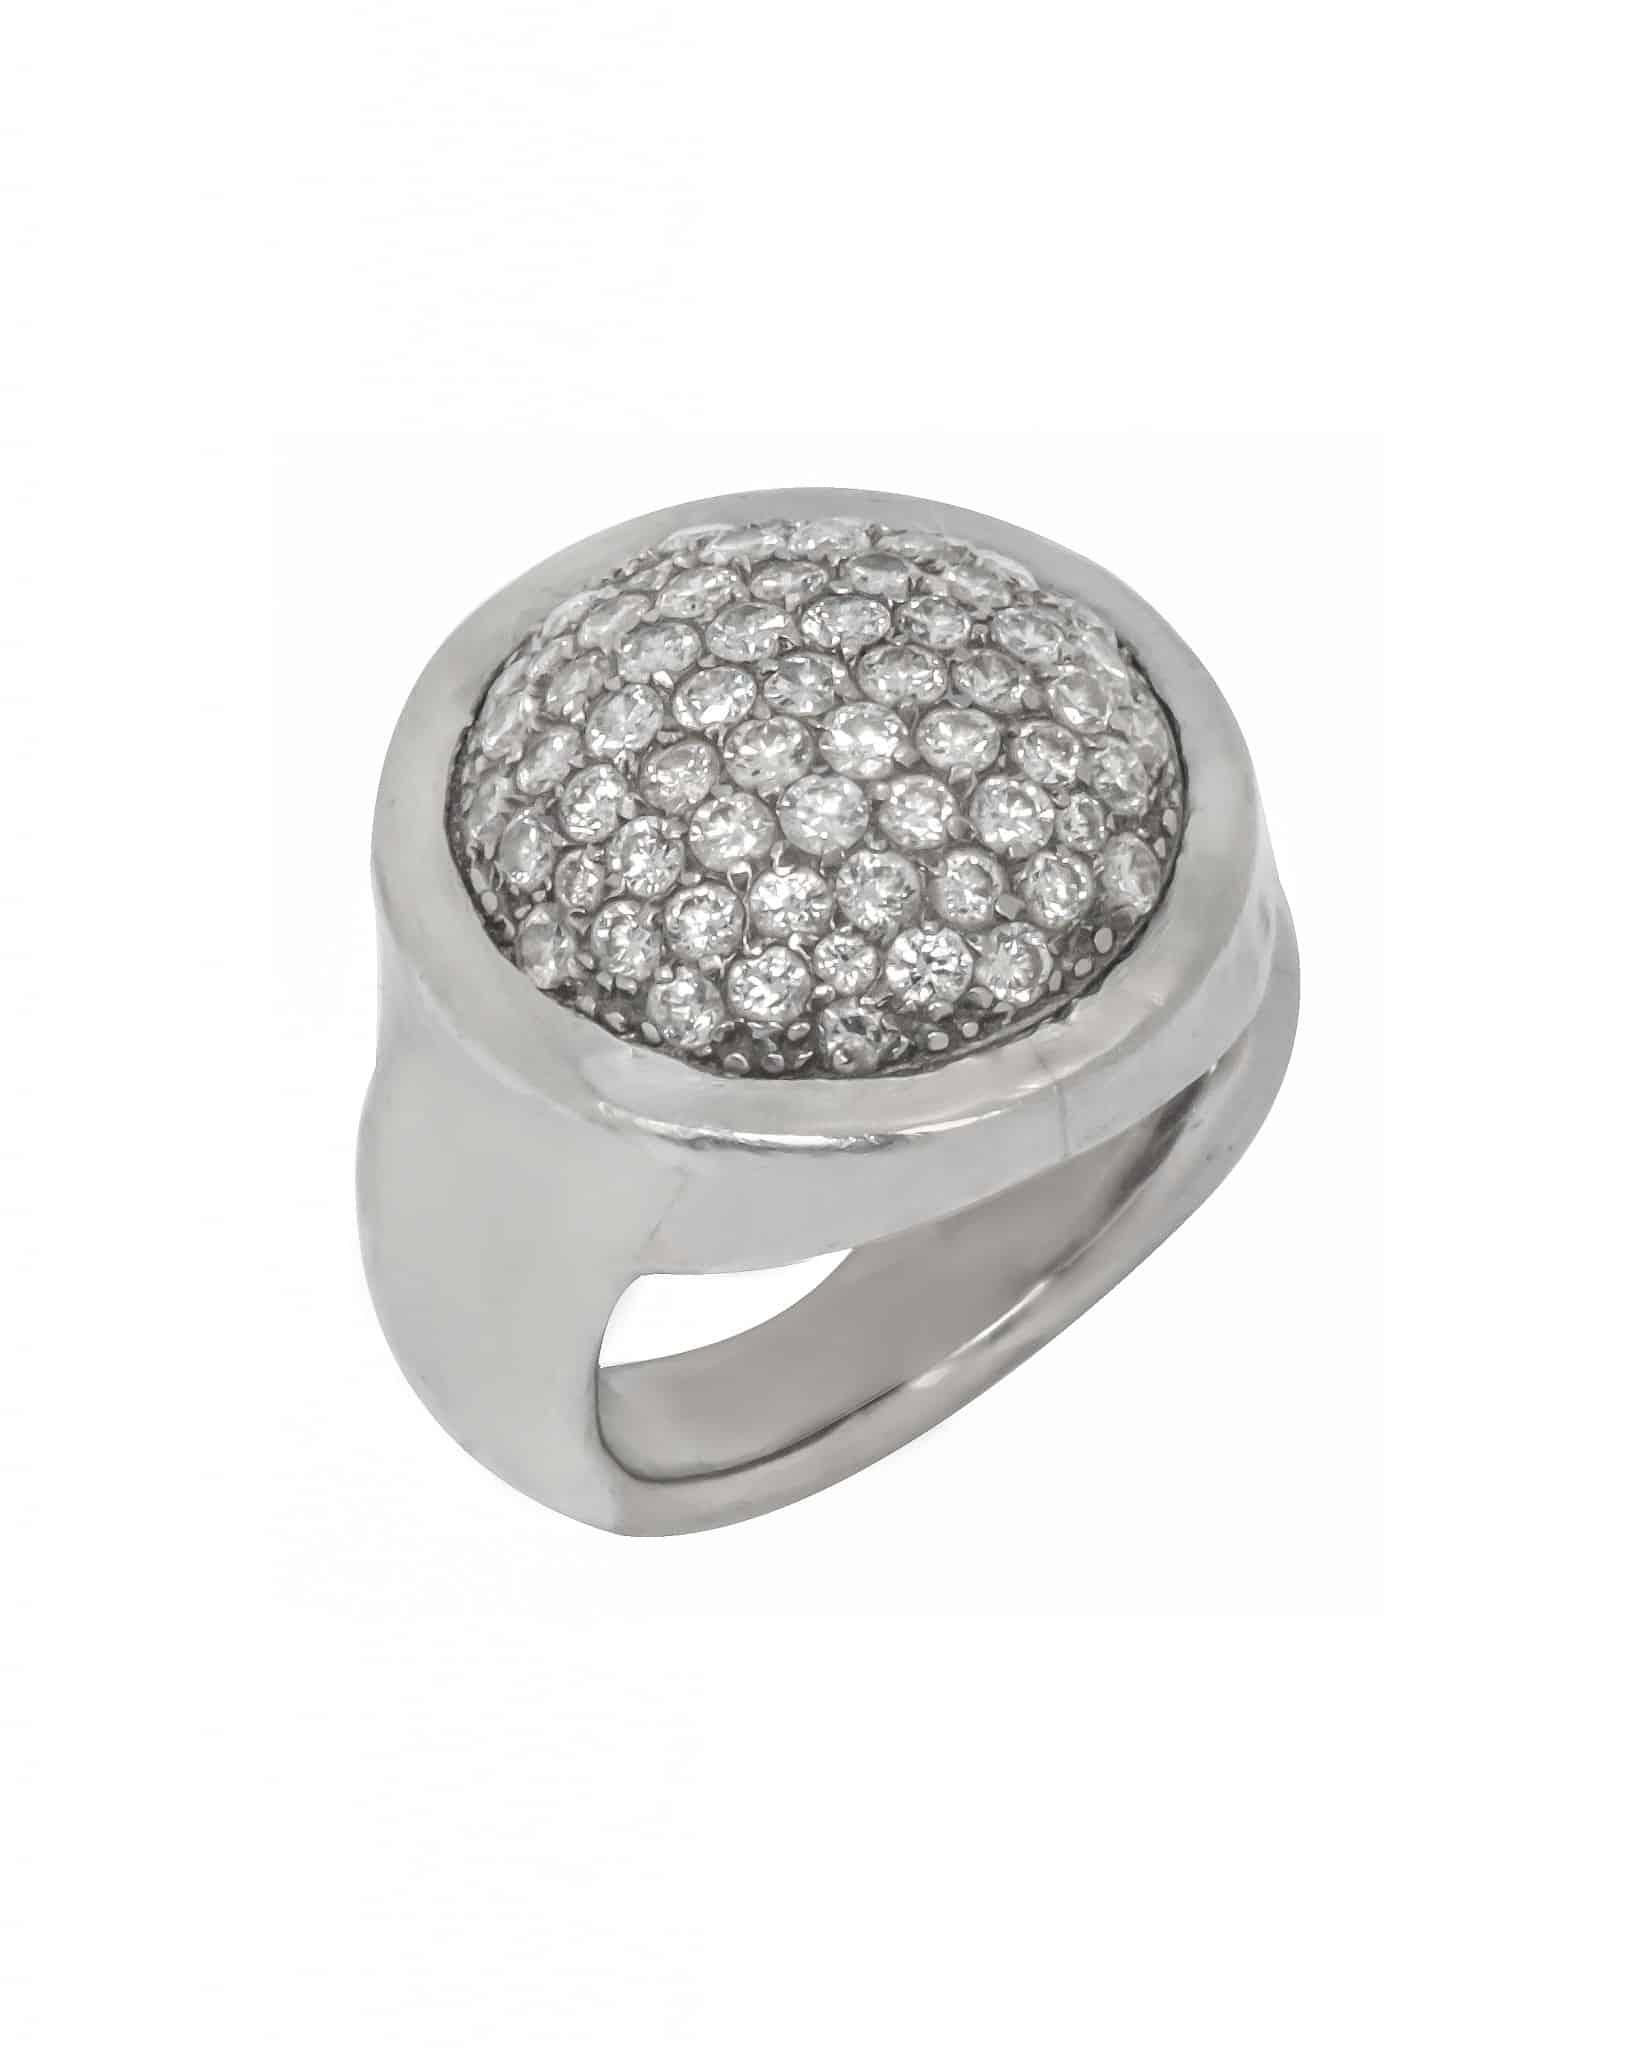 GURHAN Bijou Platinum Pave Diamond Ring PTR-PVRD23